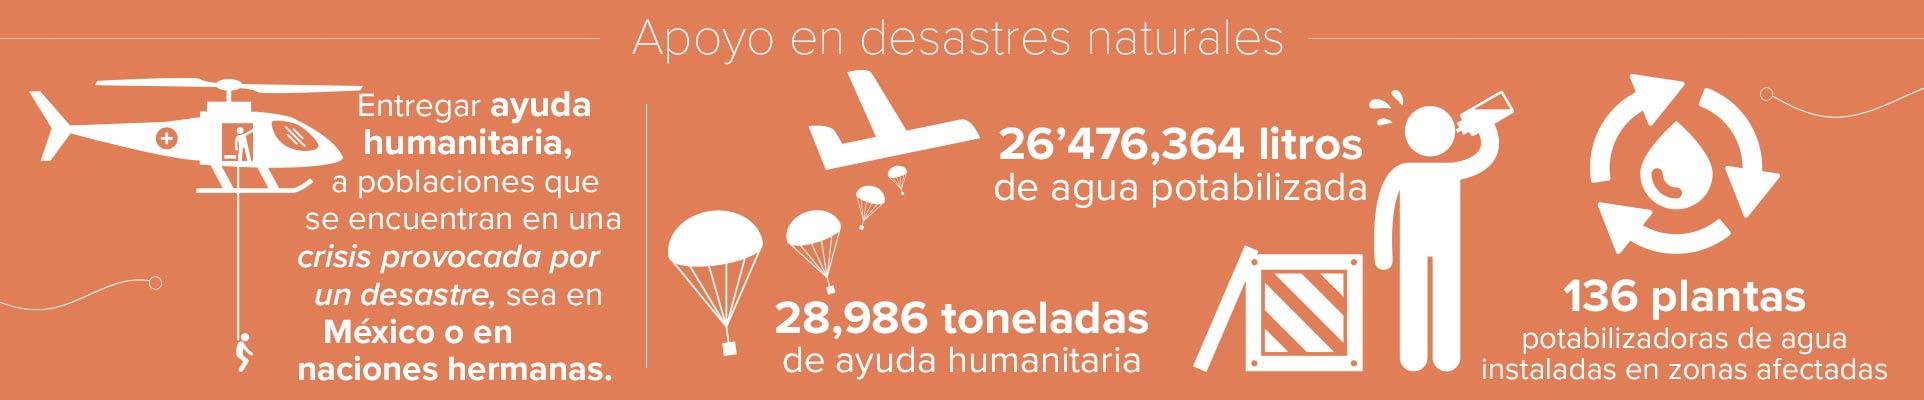 Apoyo en desastres naturales